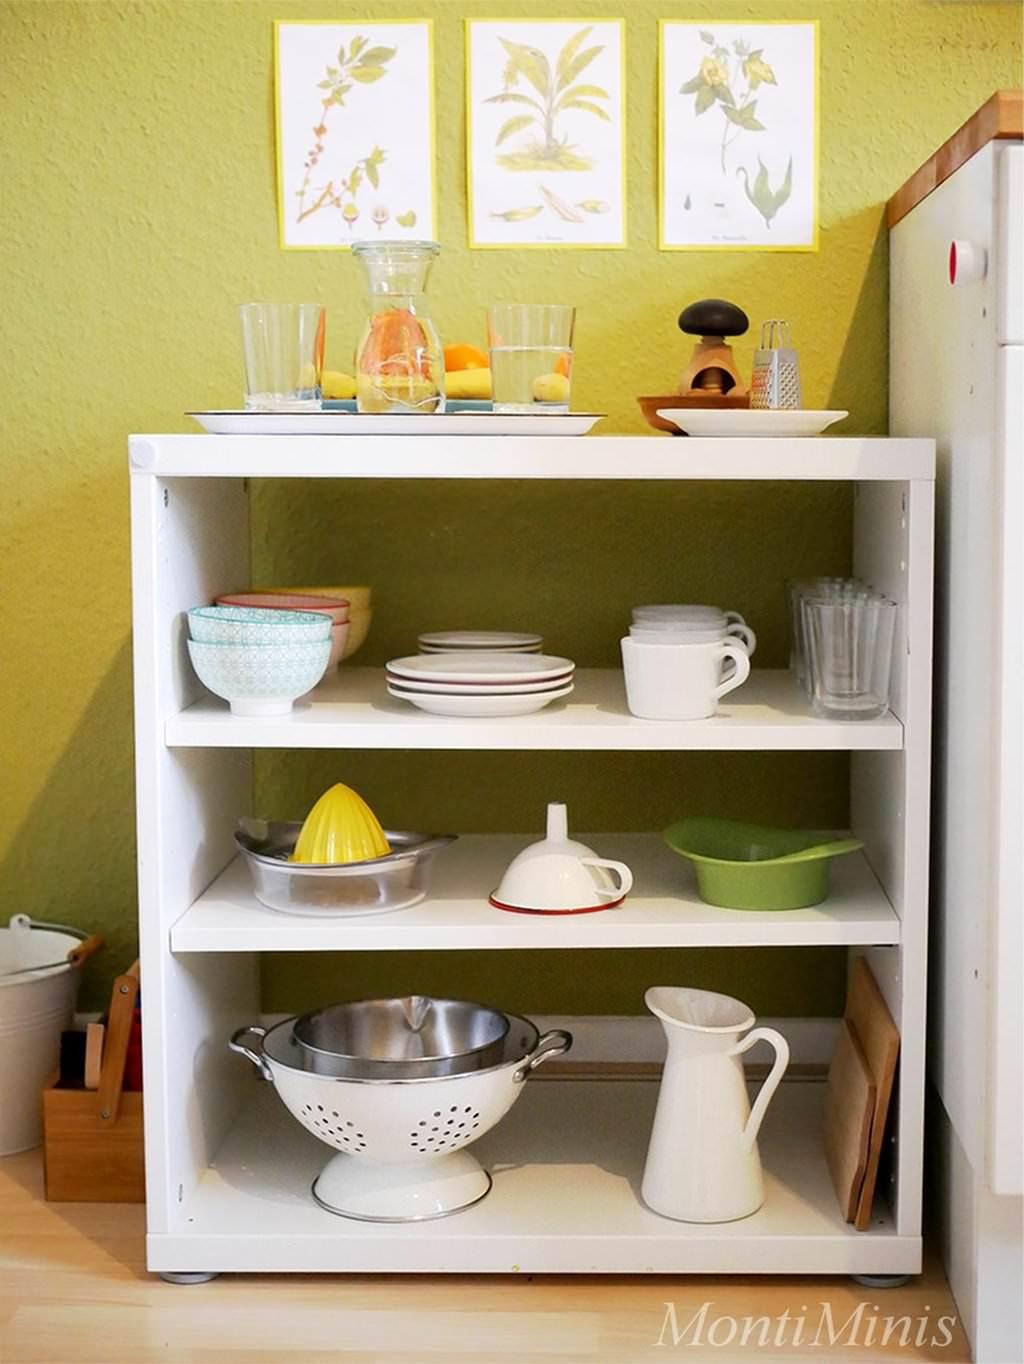 Schön Wand Küchenregale Uk Fotos - Ideen Für Die Küche Dekoration ...